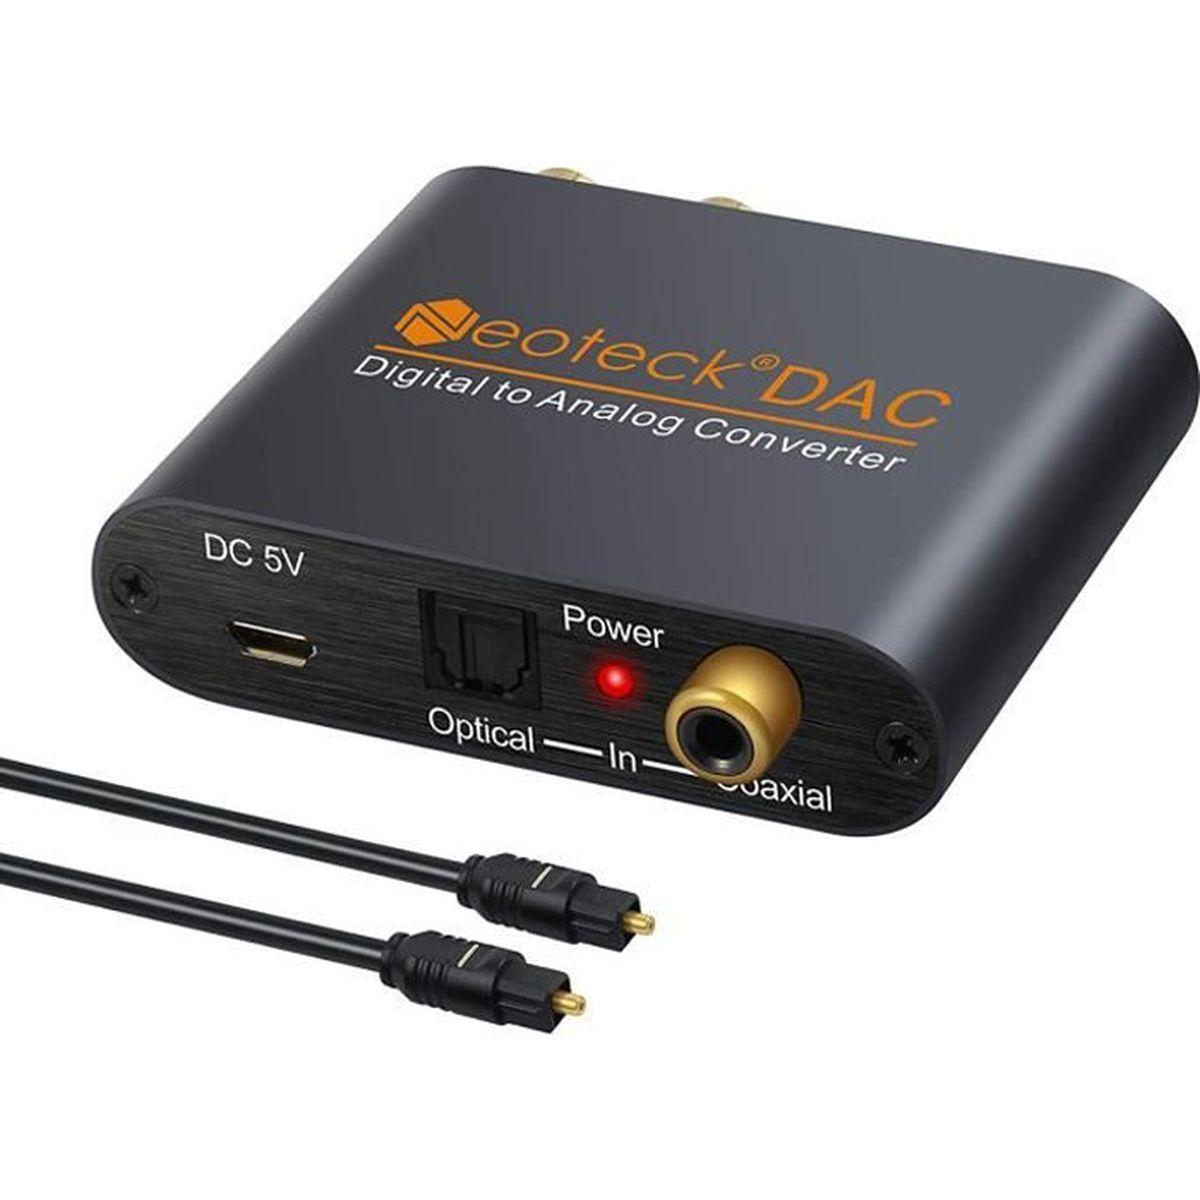 REPARTITEUR TV Convertisseur numérique DAC SPDIF Toslink Coaxial